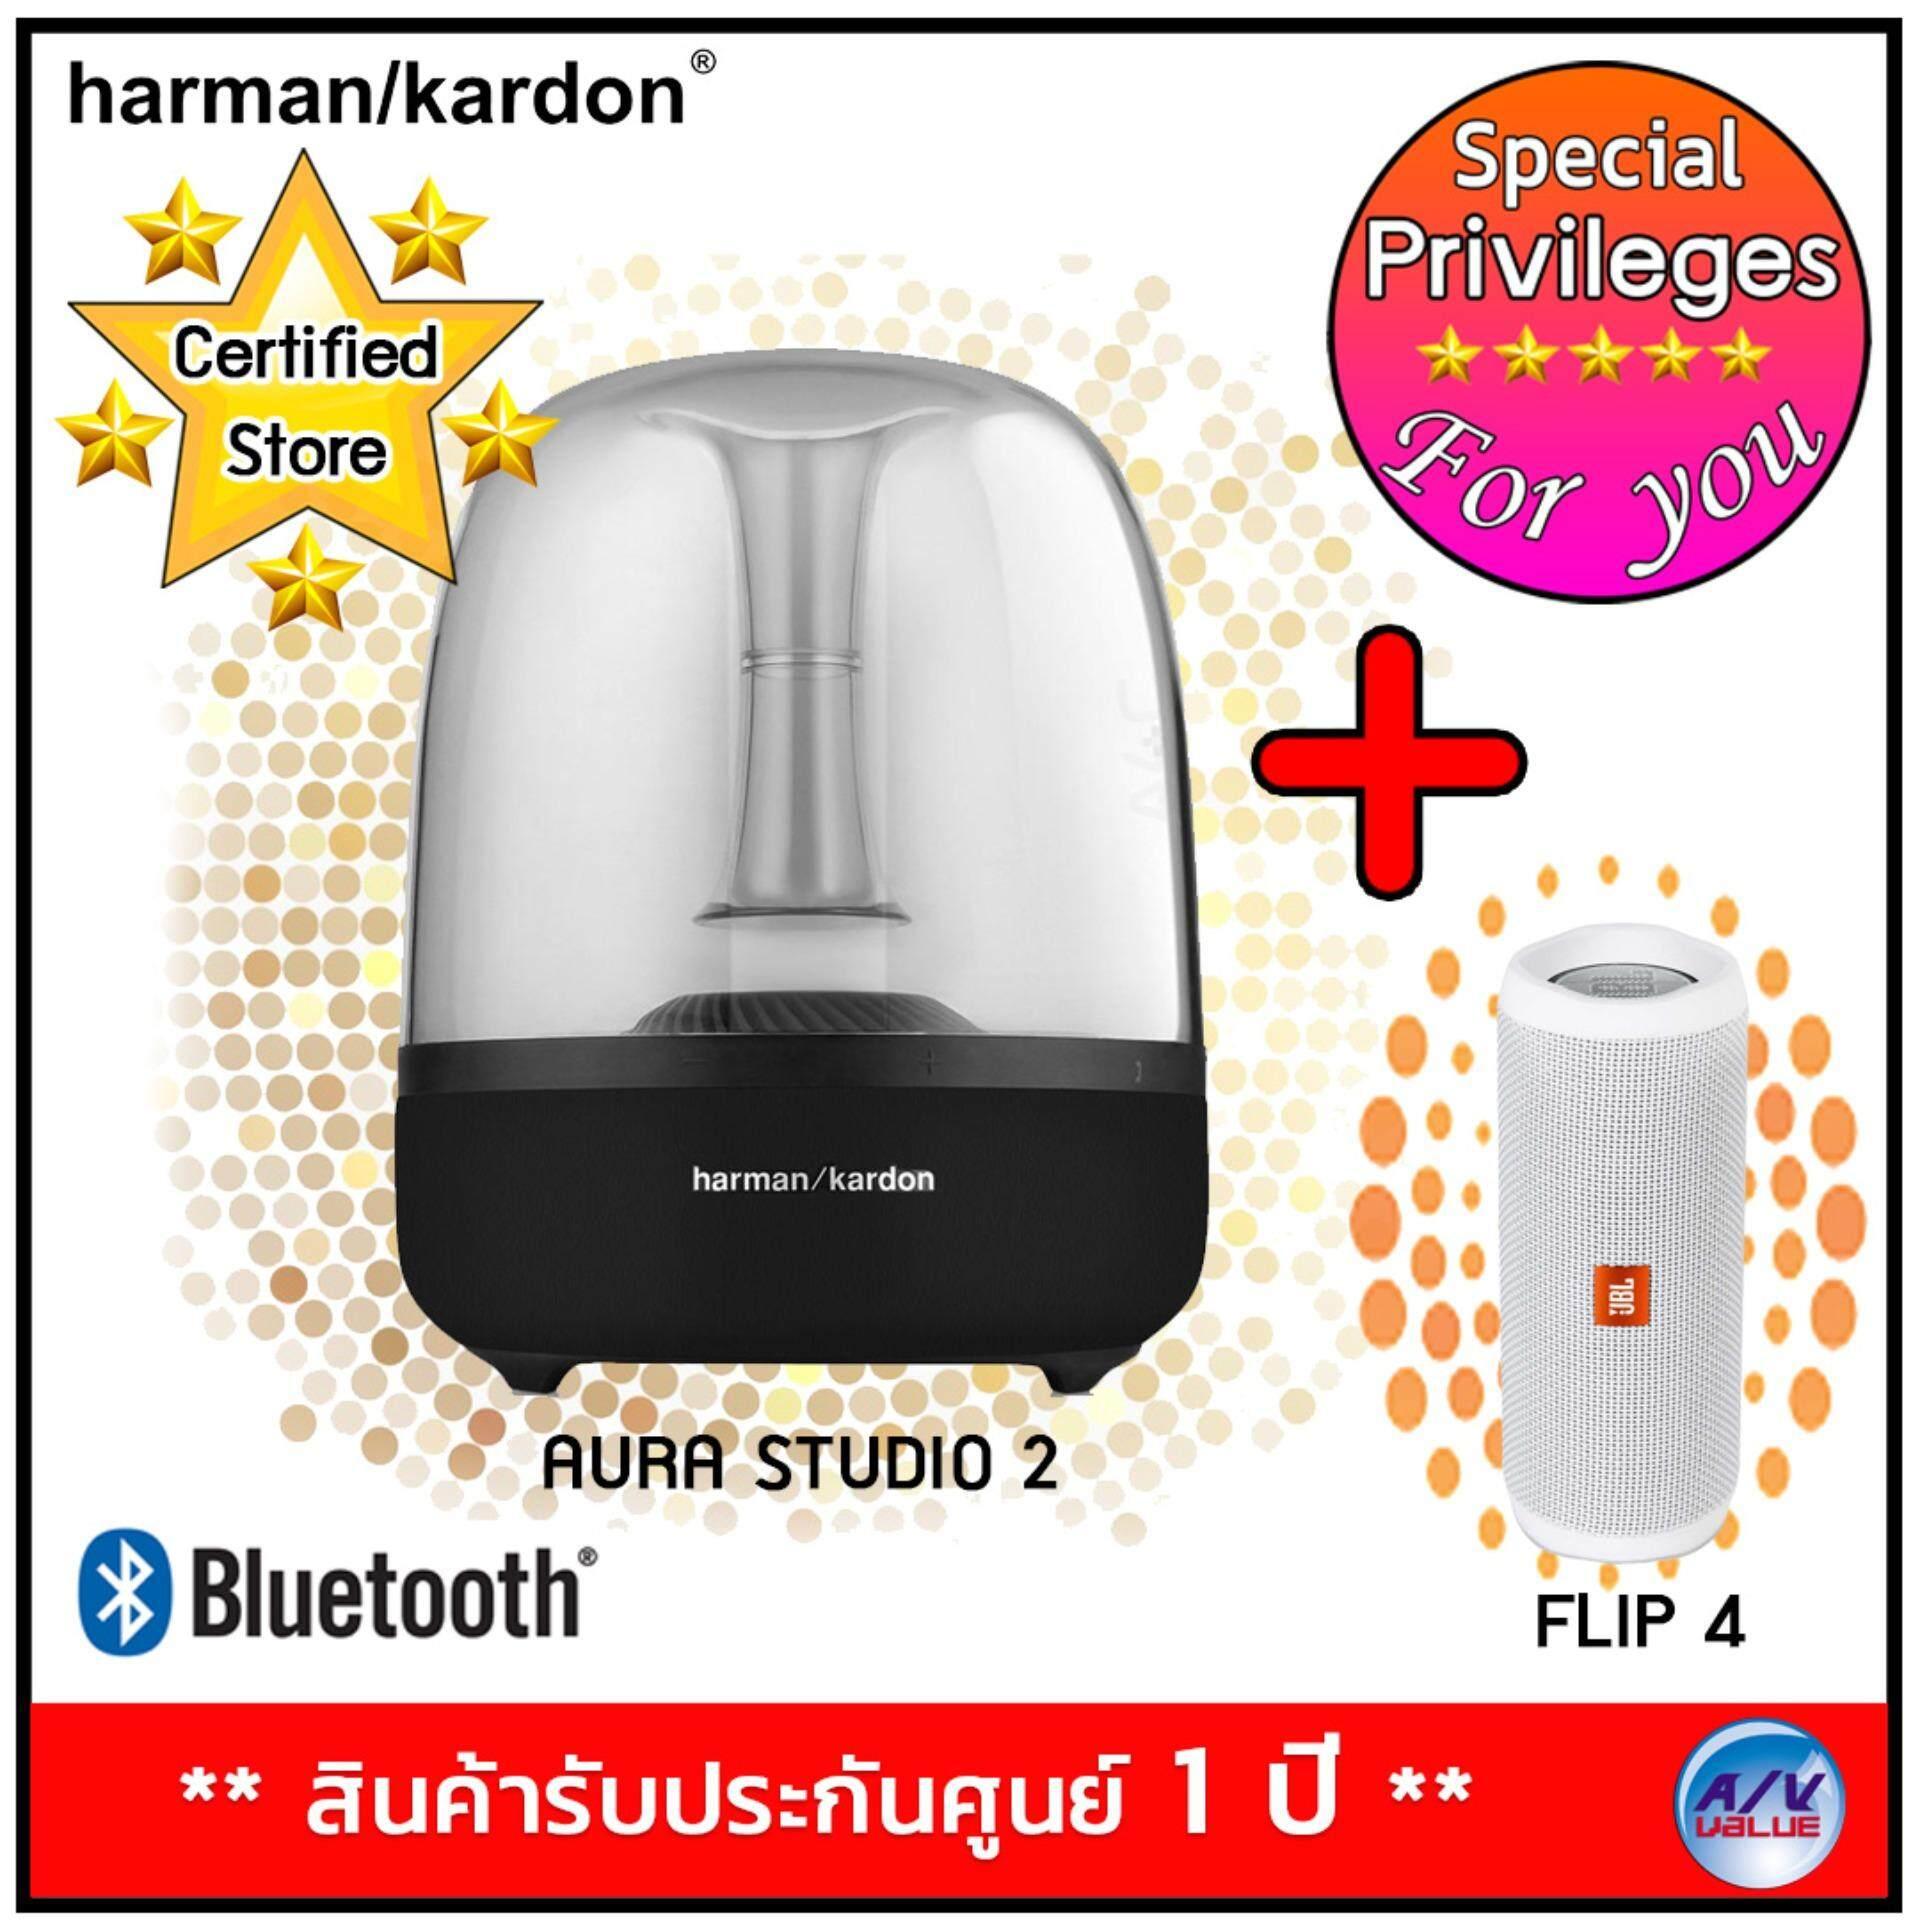 ยี่ห้อนี้ดีไหม  ประจวบคีรีขันธ์ Harman Kardon AURA STUDIO 2 - Black + JBL FLIP 4 waterproof portable Bluetooth speaker - White